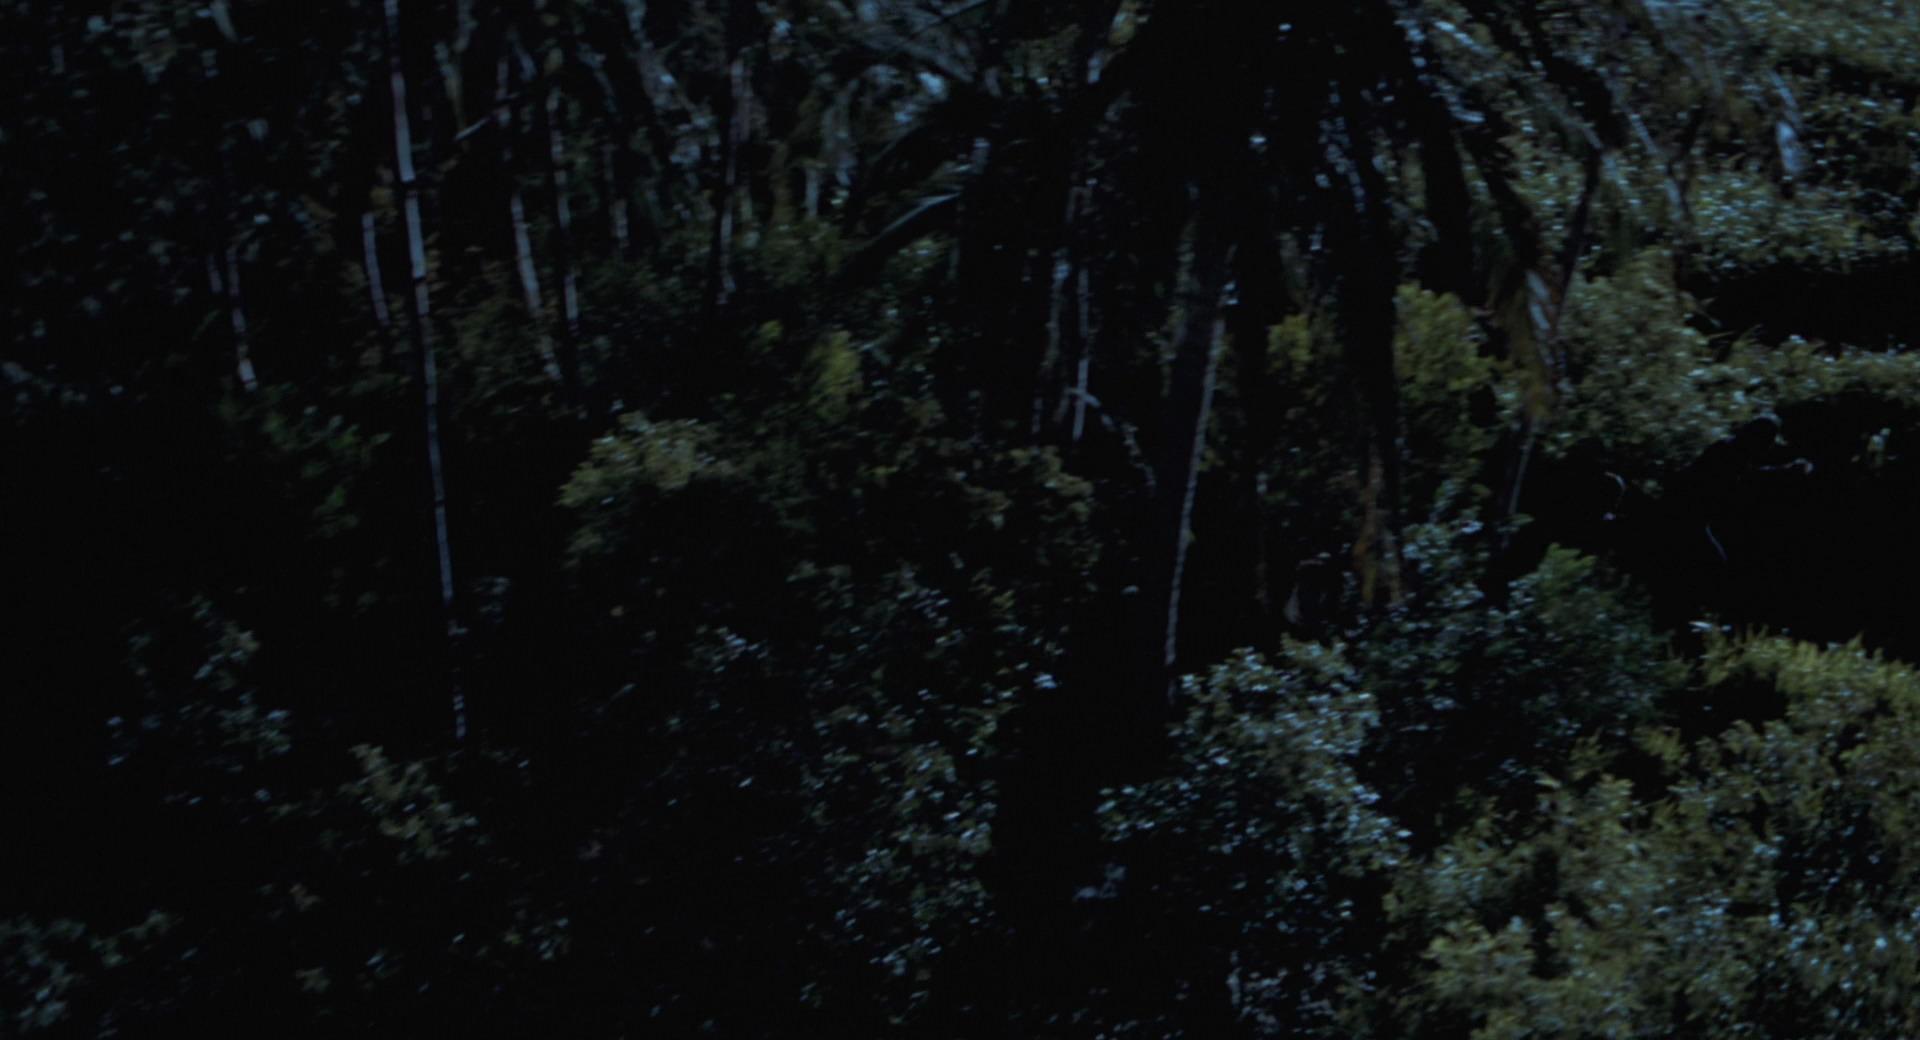 The Lost World Jurassic Park Screencaps are here Jurassic-lost-world-movie-screencaps.com-10369